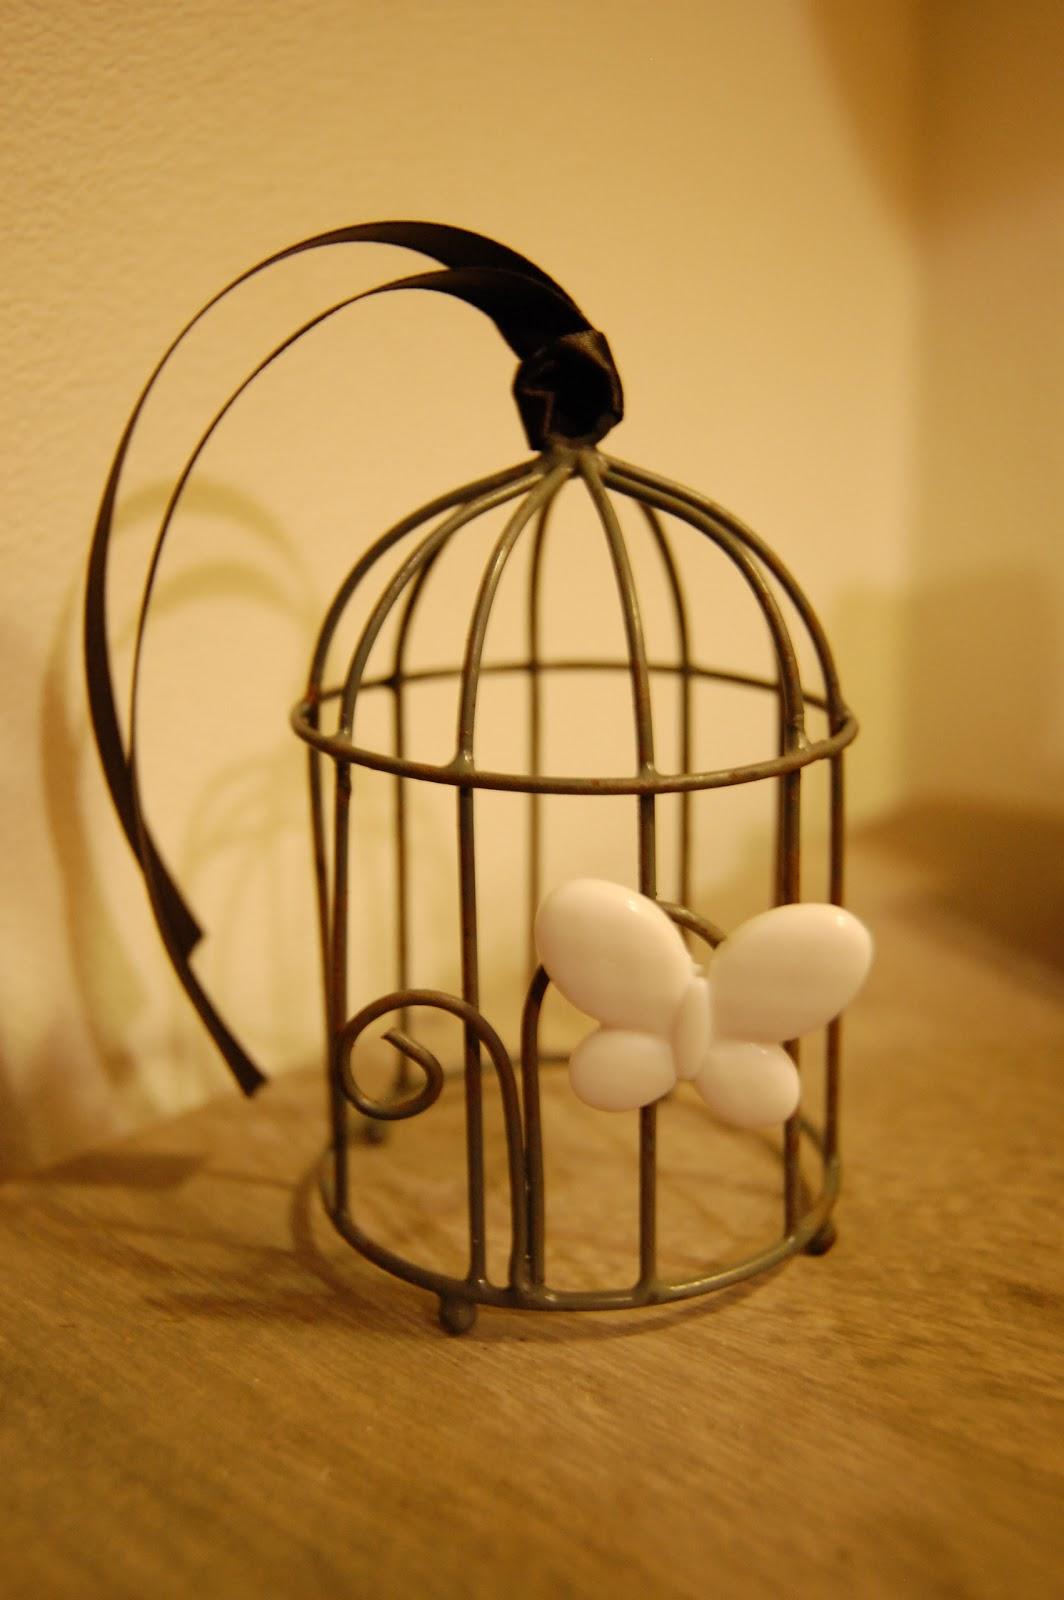 ficelles et compagnie papillon s 39 envole. Black Bedroom Furniture Sets. Home Design Ideas